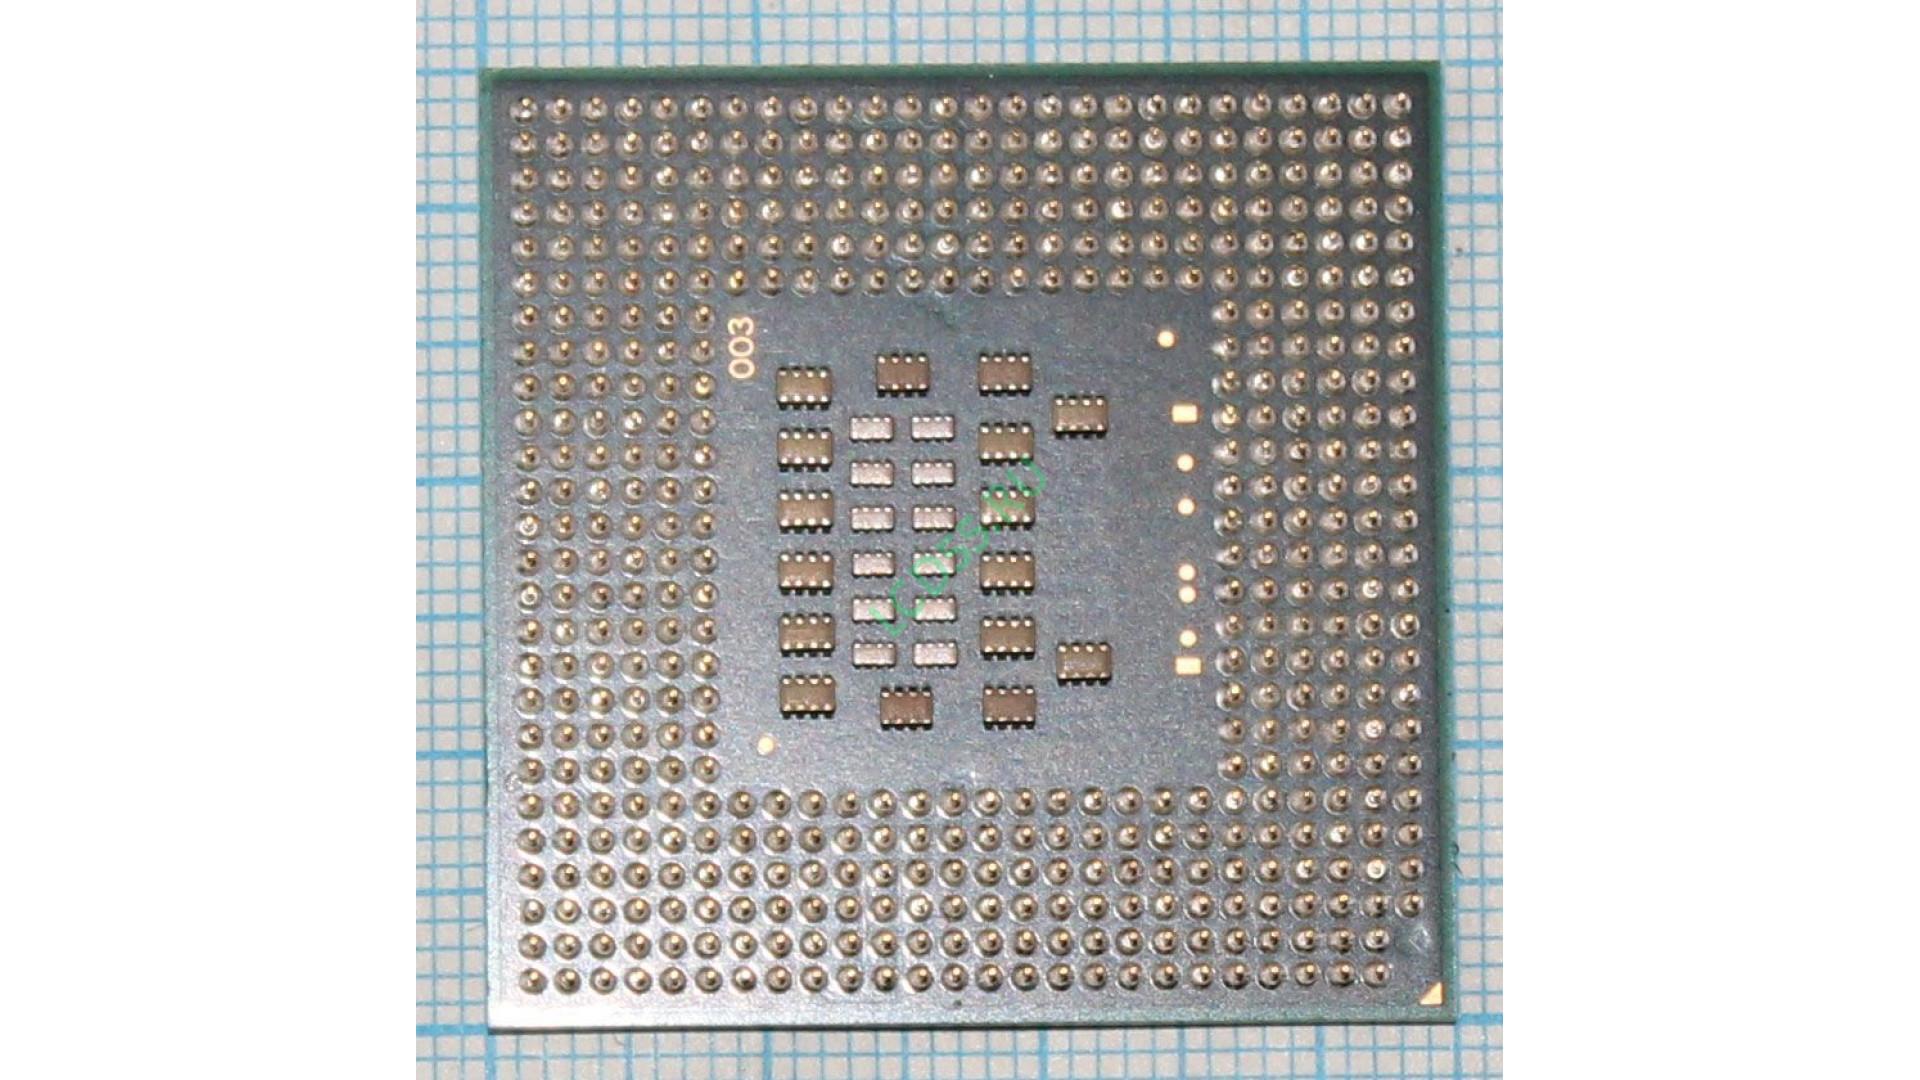 Intel T2400 SL8VQ